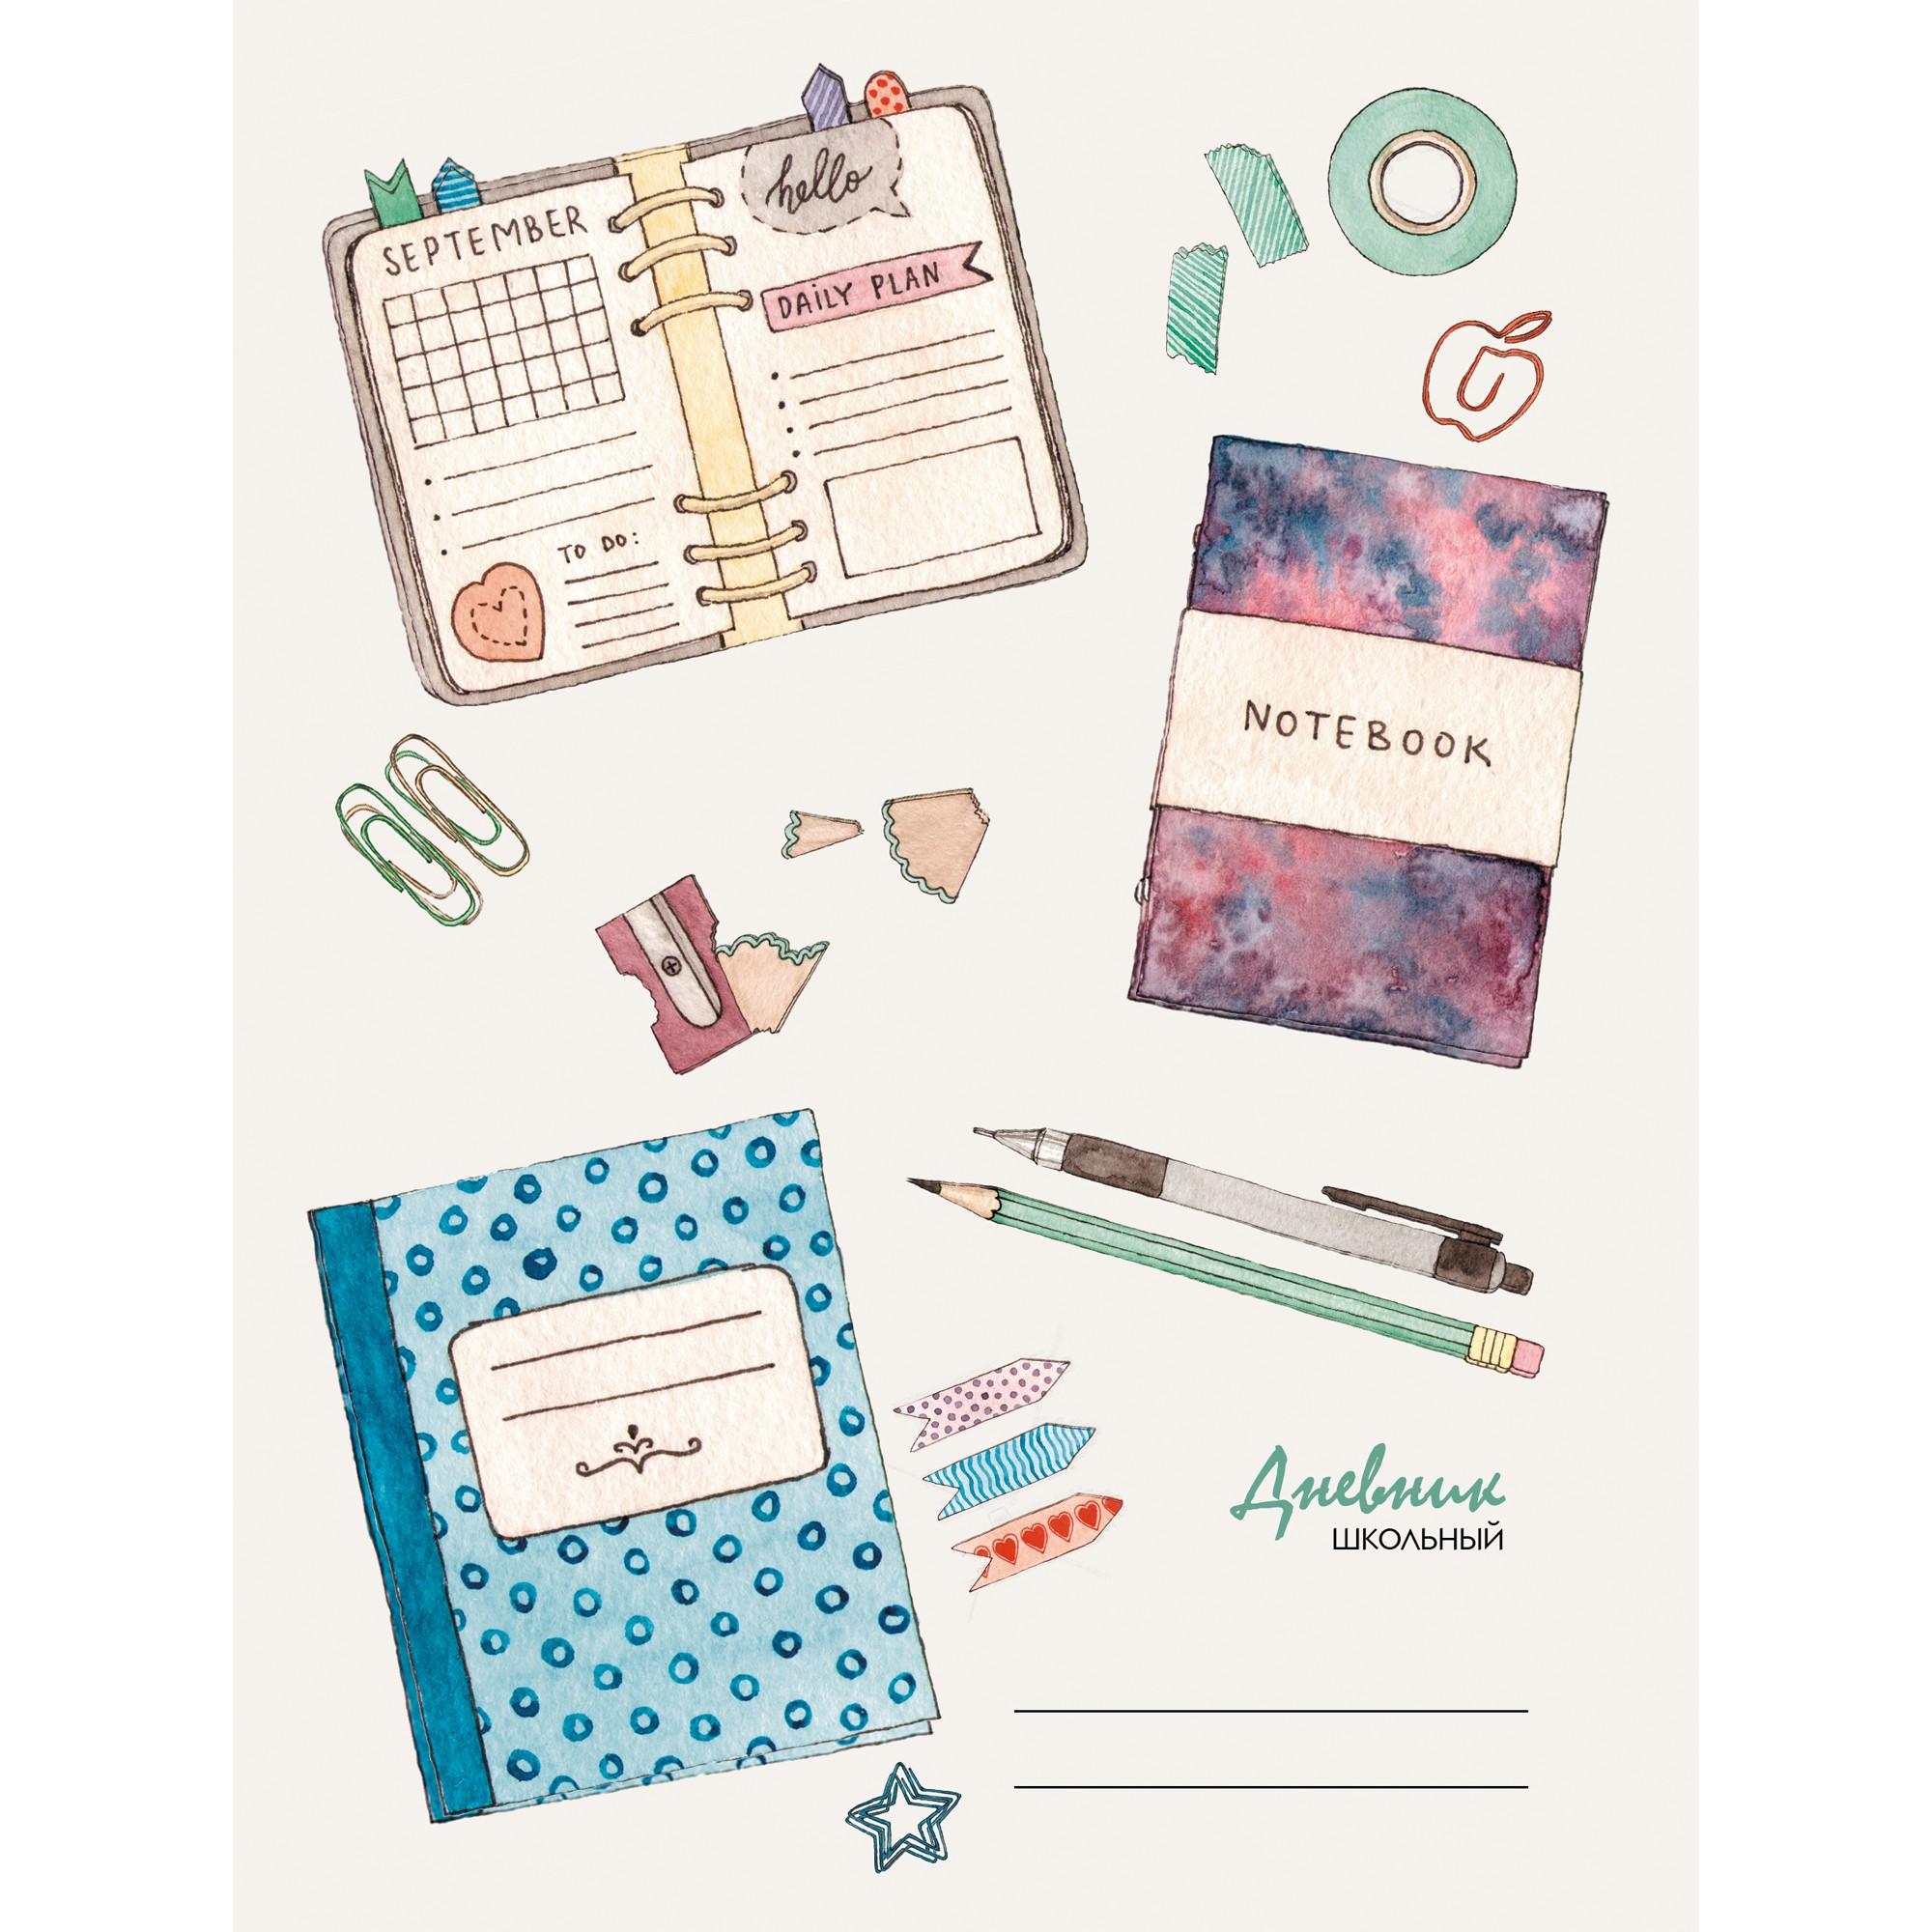 Дневник ст кл Дневник школьницы. Дизайн 2